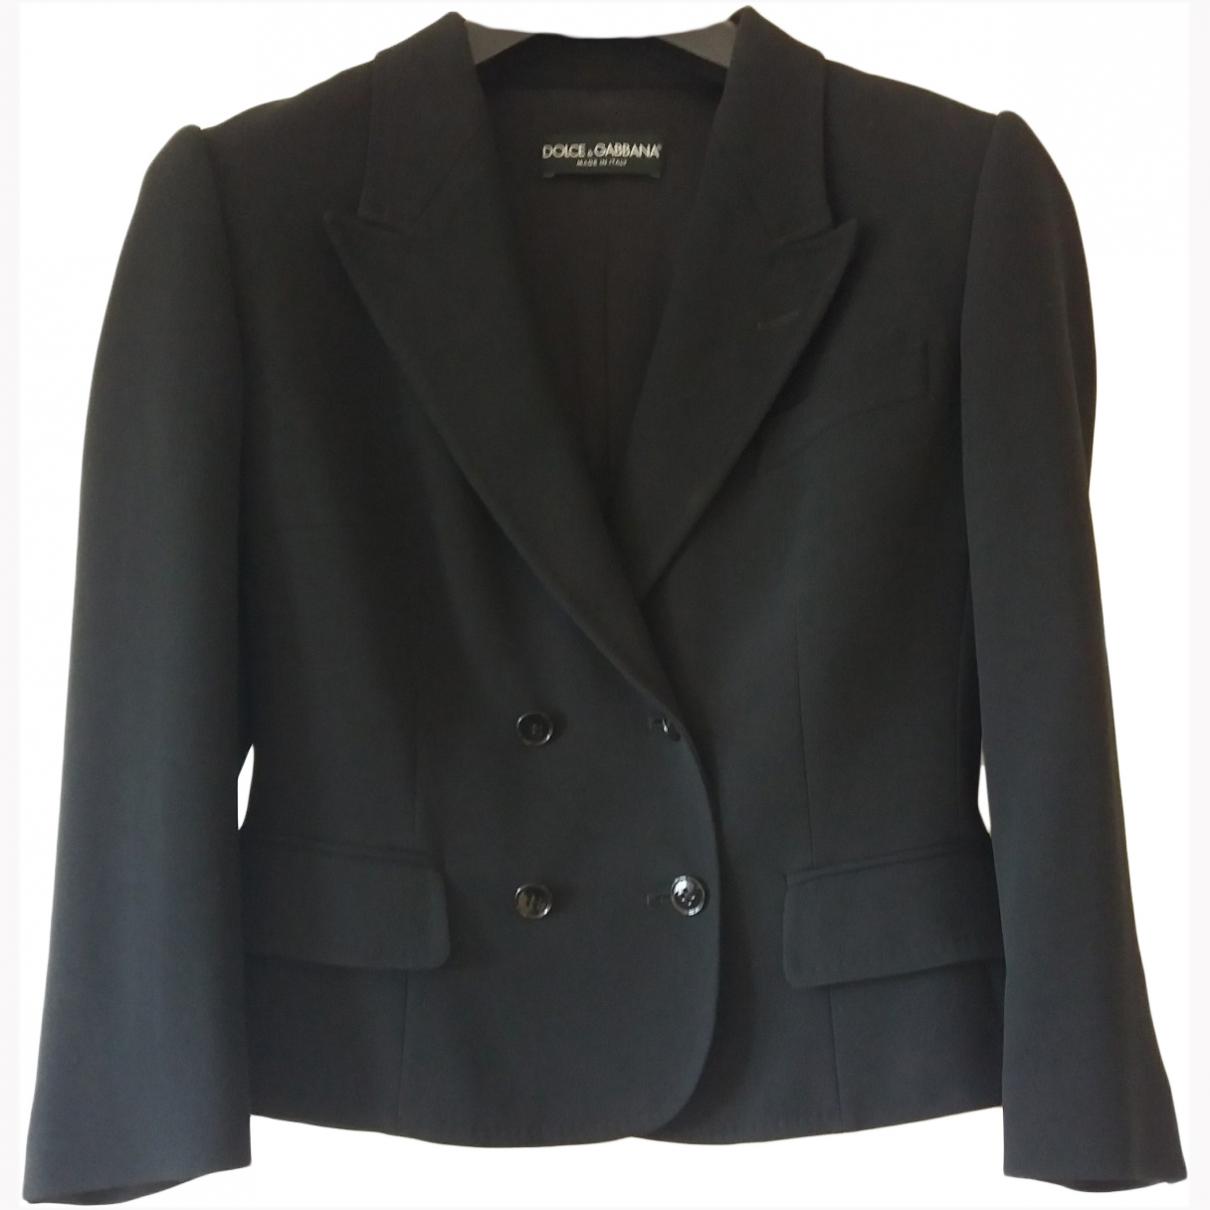 Dolce & Gabbana \N Black jacket for Women 40 IT